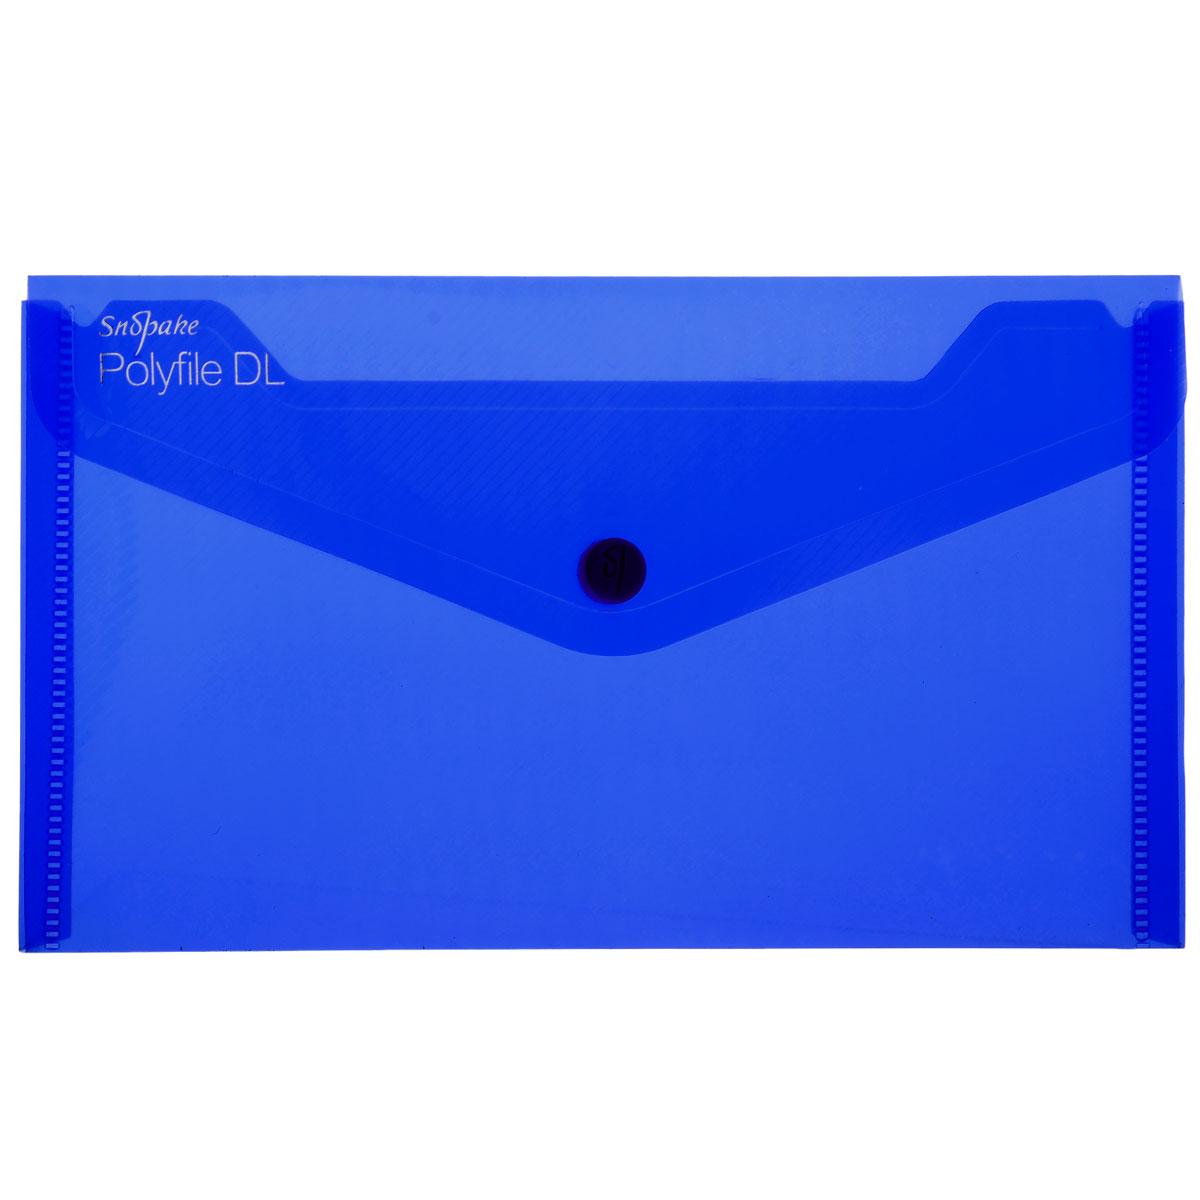 Папка-конверт на кнопке Snopake Polifile DL: Electra, цвет: синийK10035_синийПапка-конверт на кнопке Snopake Polifile DL: Electra это удобный и функциональный инструмент, предназначенный для хранения и транспортировки документов. Папка изготовлена из прочного пластика с рельефной текстурой, закрывается клапаном на кнопку. Содержит одно отделение, которое подойдет для паспорта, водительских документов, пластиковых карт. Папка-конверт - идеальный вариант для путешествий. Такая папка надежно сохранит ваши документы и сбережет их от повреждений, пыли и влаги. Она сочетает в себе классический дизайн и неизменно высокое качество.